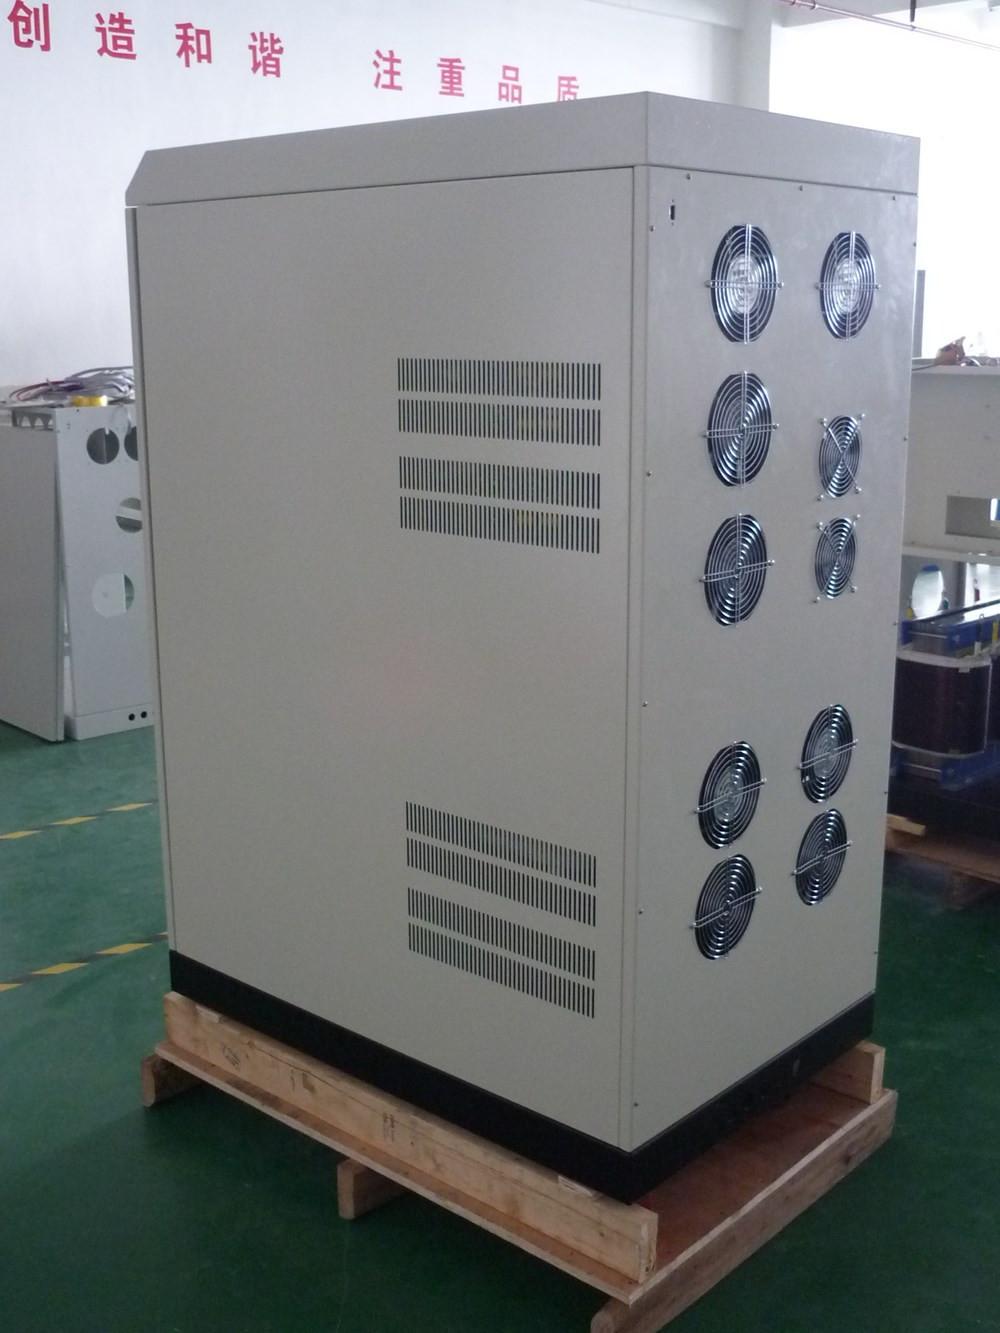 Bosin 照明用 ups不间断电源300KW蓄电池